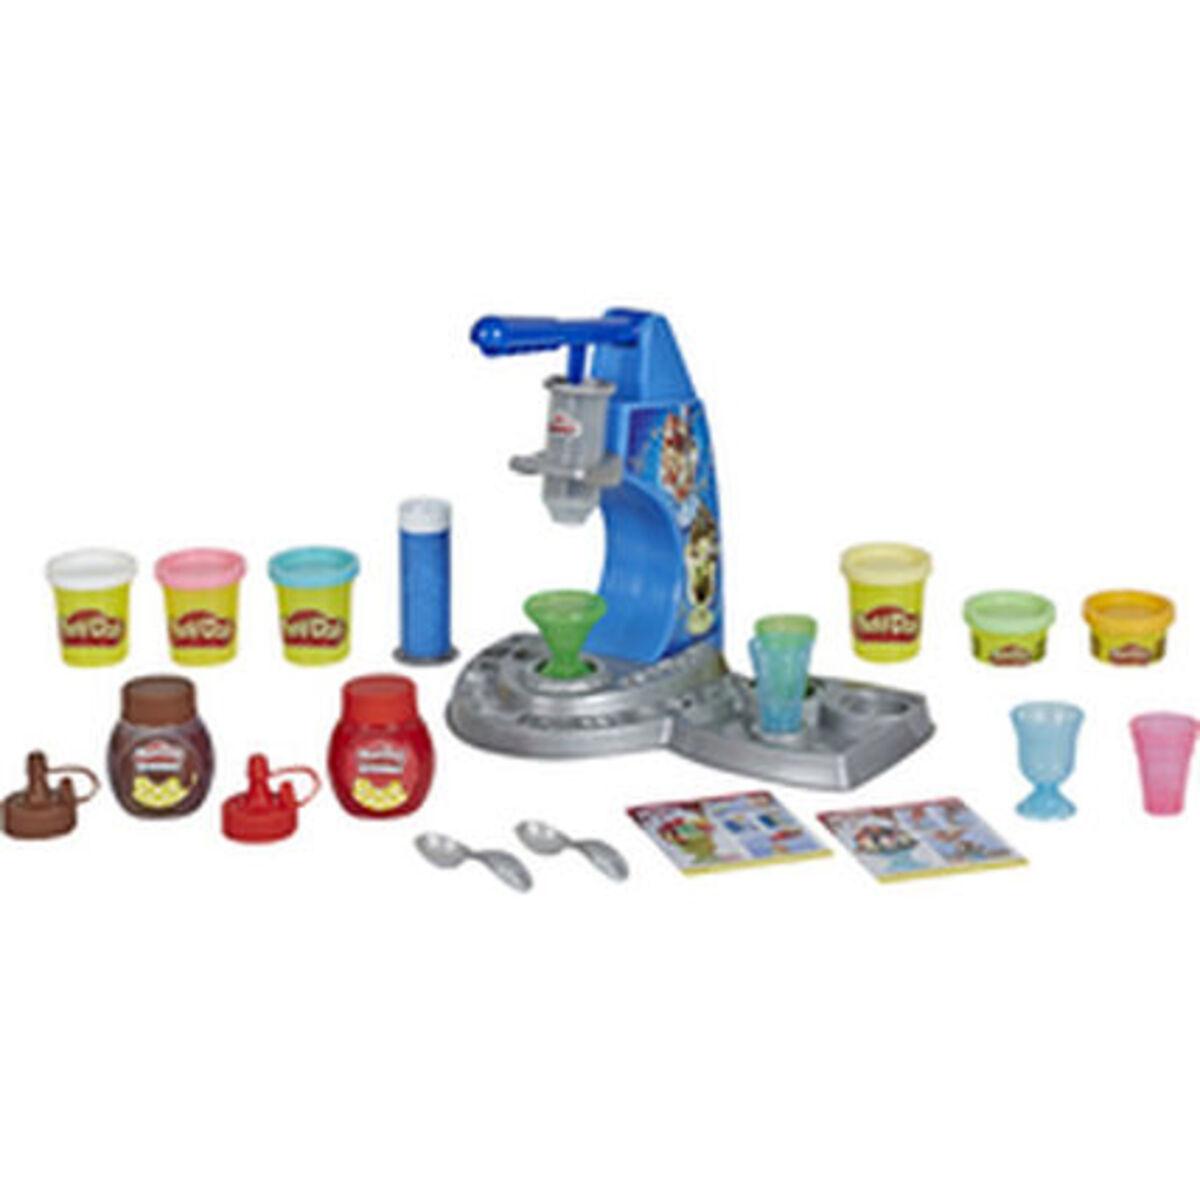 Bild 1 von Hasbro Play-Doh Drizzy Eismaschine mit Toppings